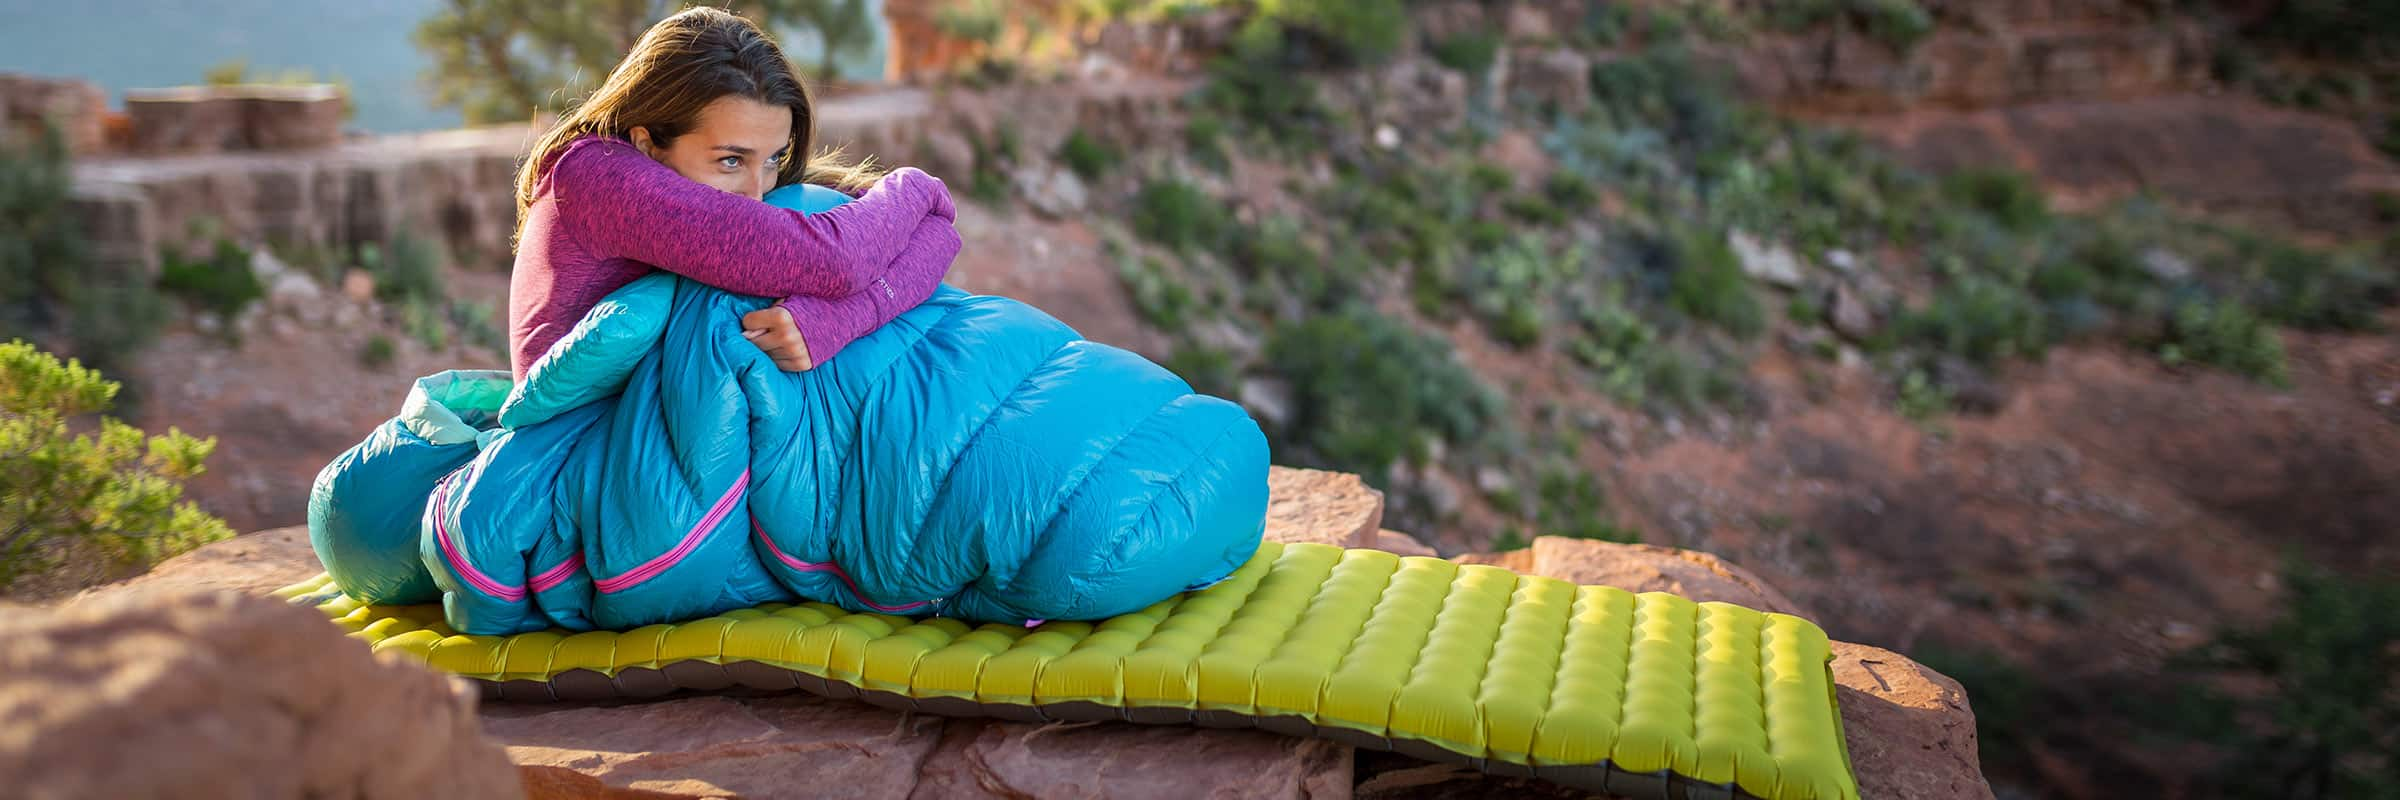 Big Agnes, Camping, NEMO Equipment, Therm-a-Rest. Comment choisir le matelas de sol idéal pour le camping?